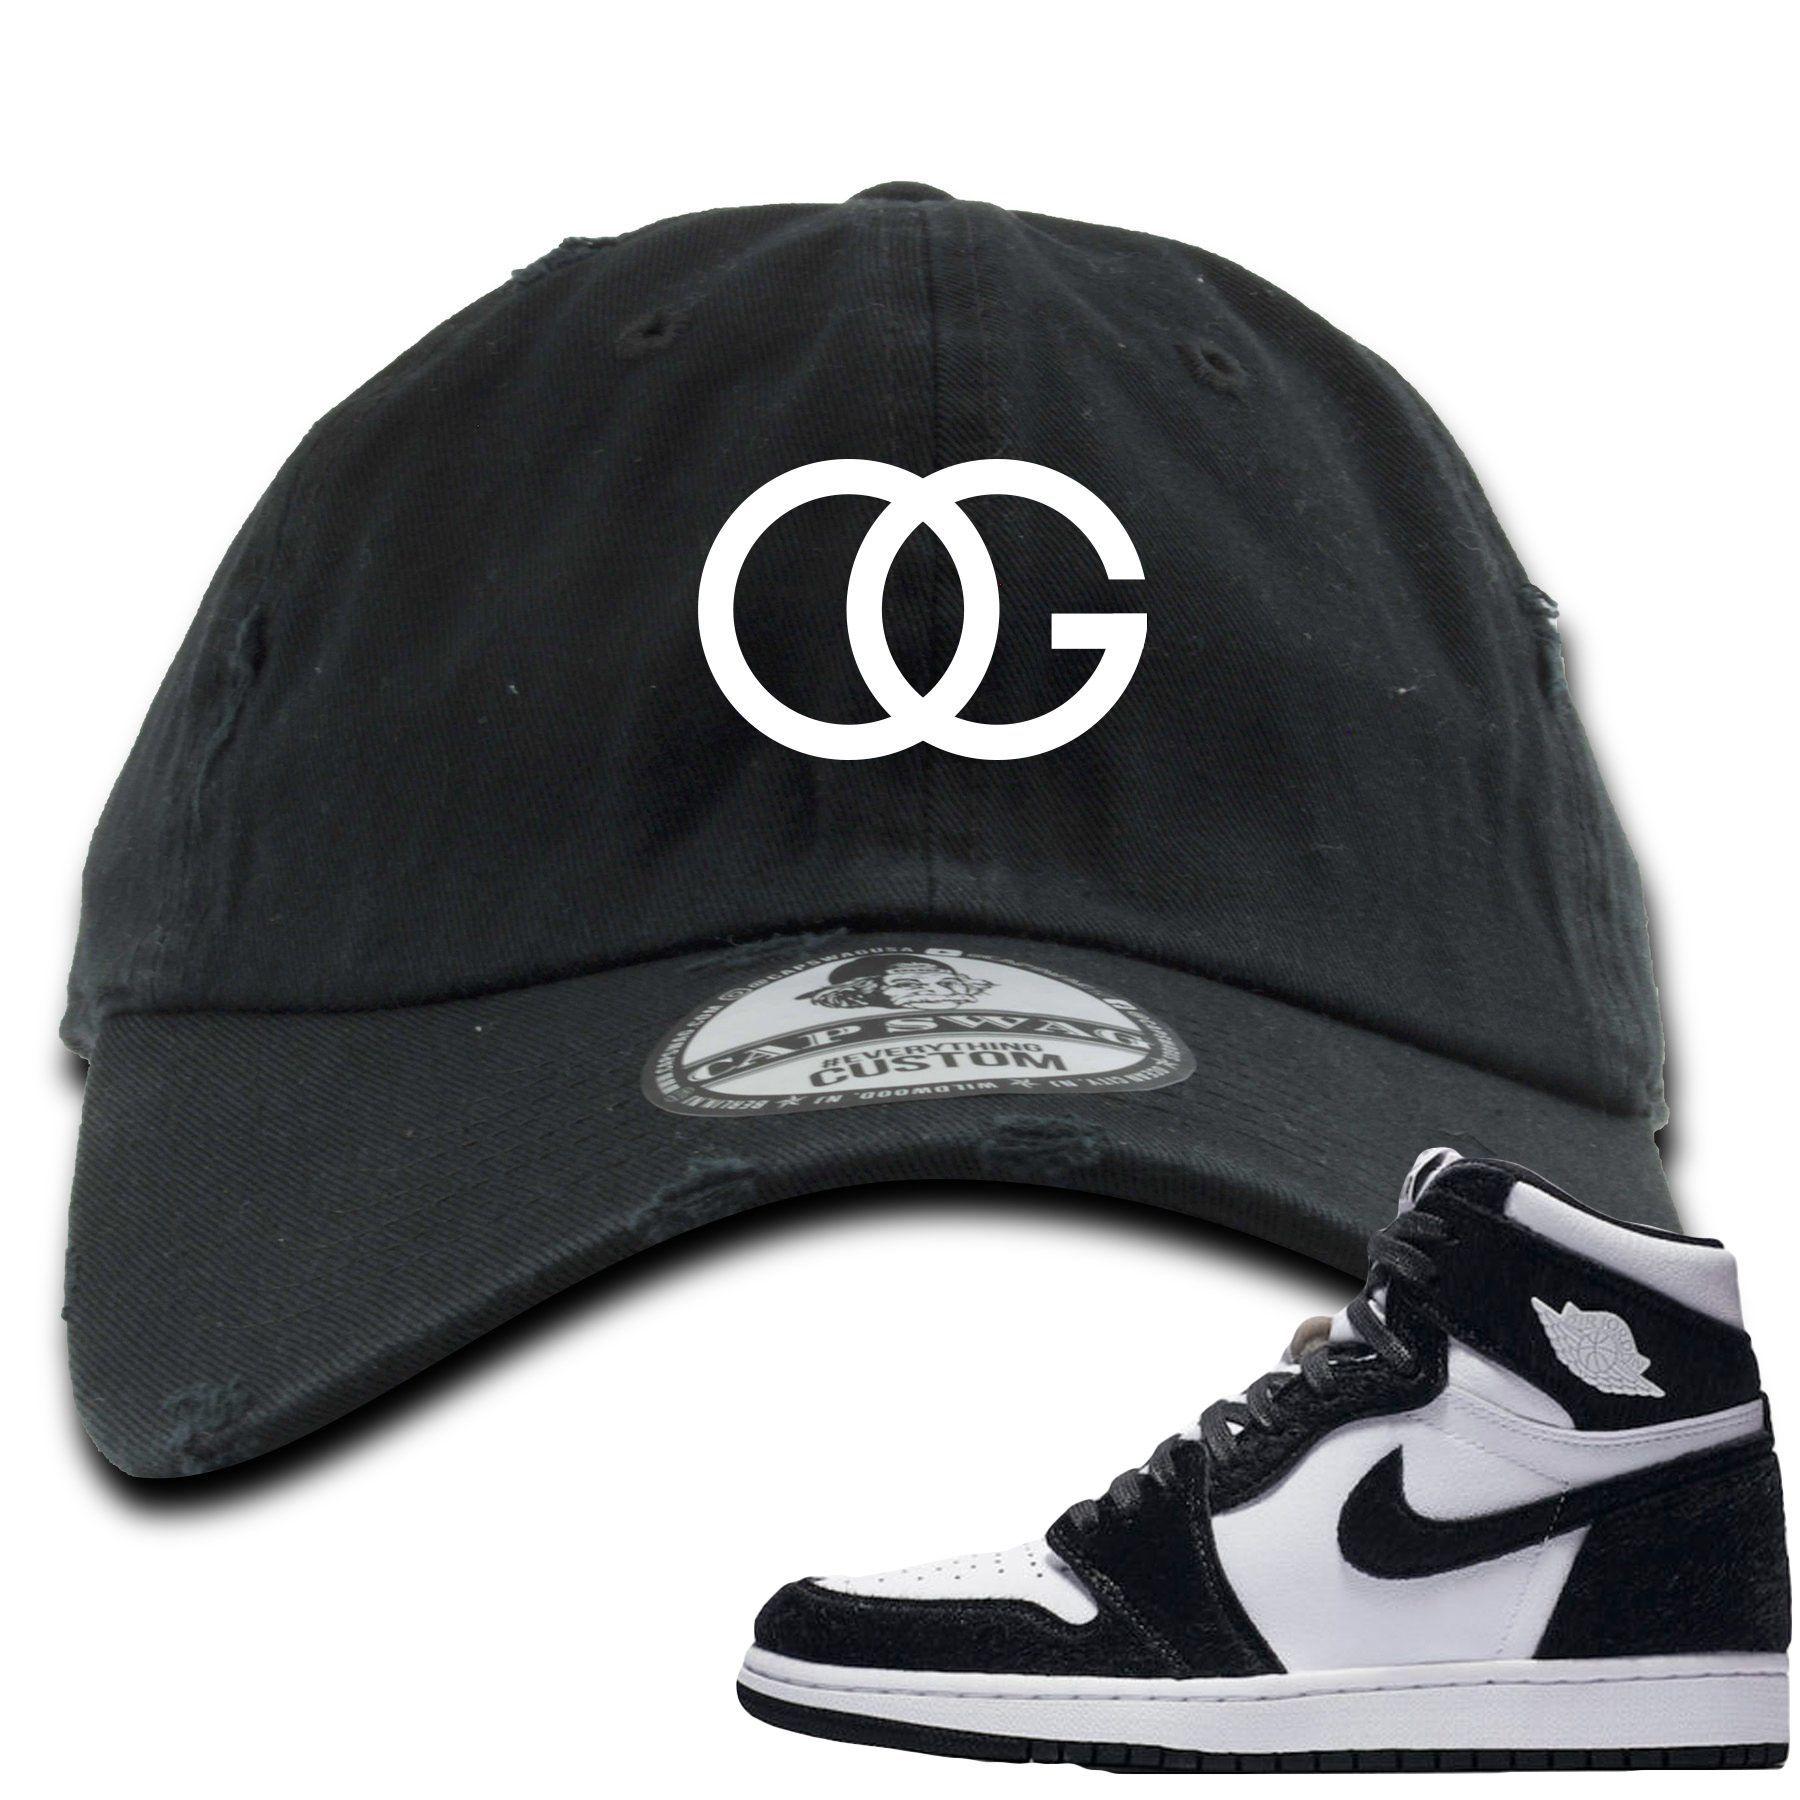 Jordan 1 Retro High OG WMNS Panda Sneaker Hook Up OG Logo